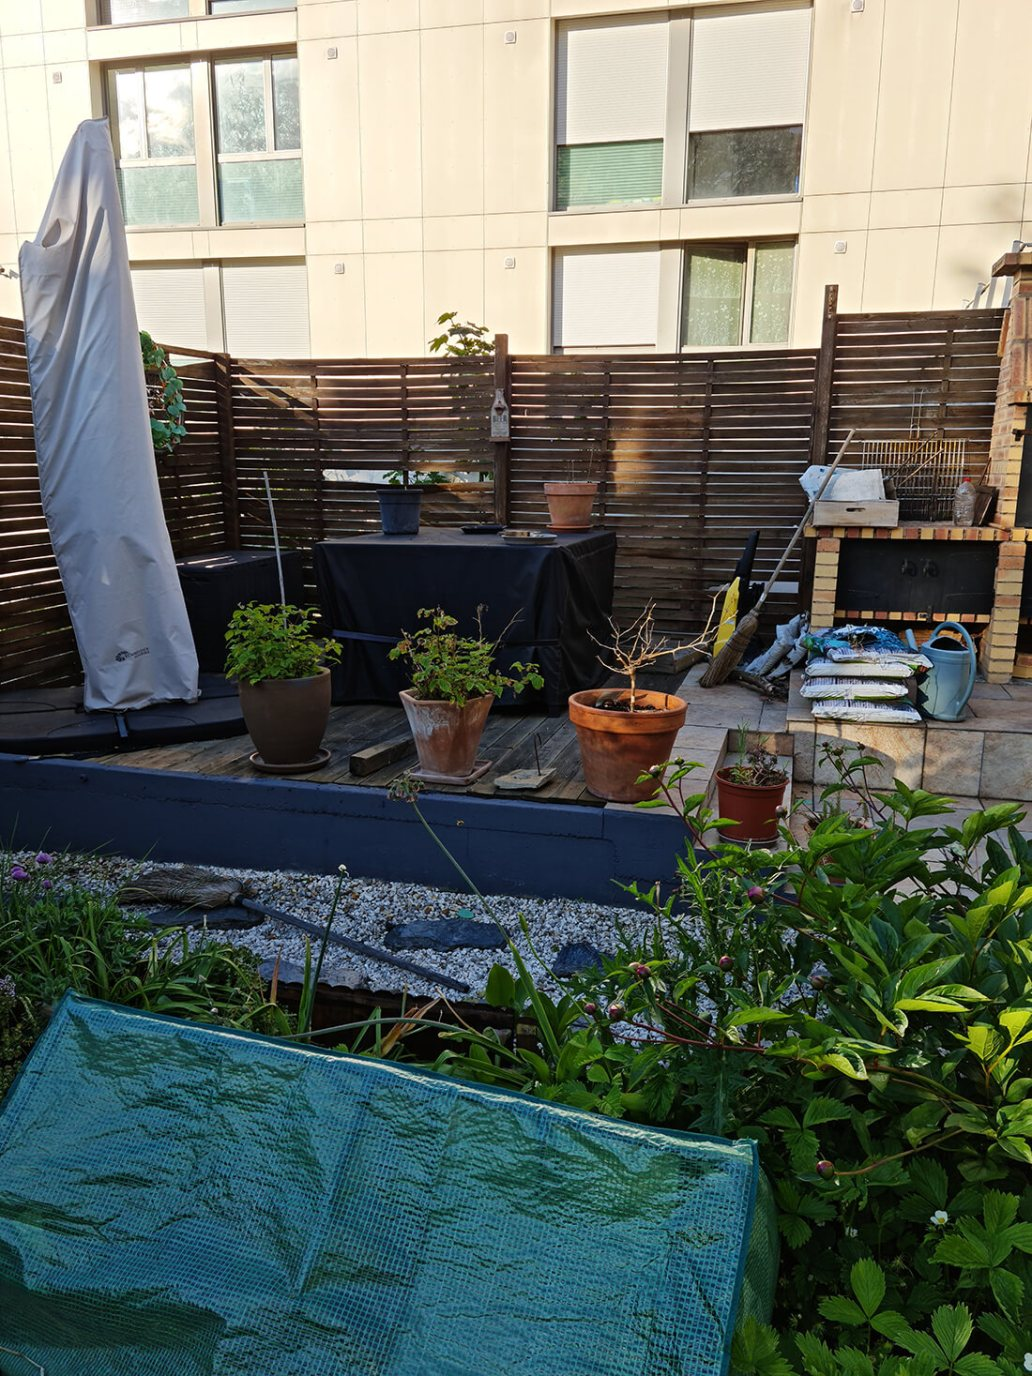 20210527 194042 - Peindre un mur en béton, la suite du relooking jardin